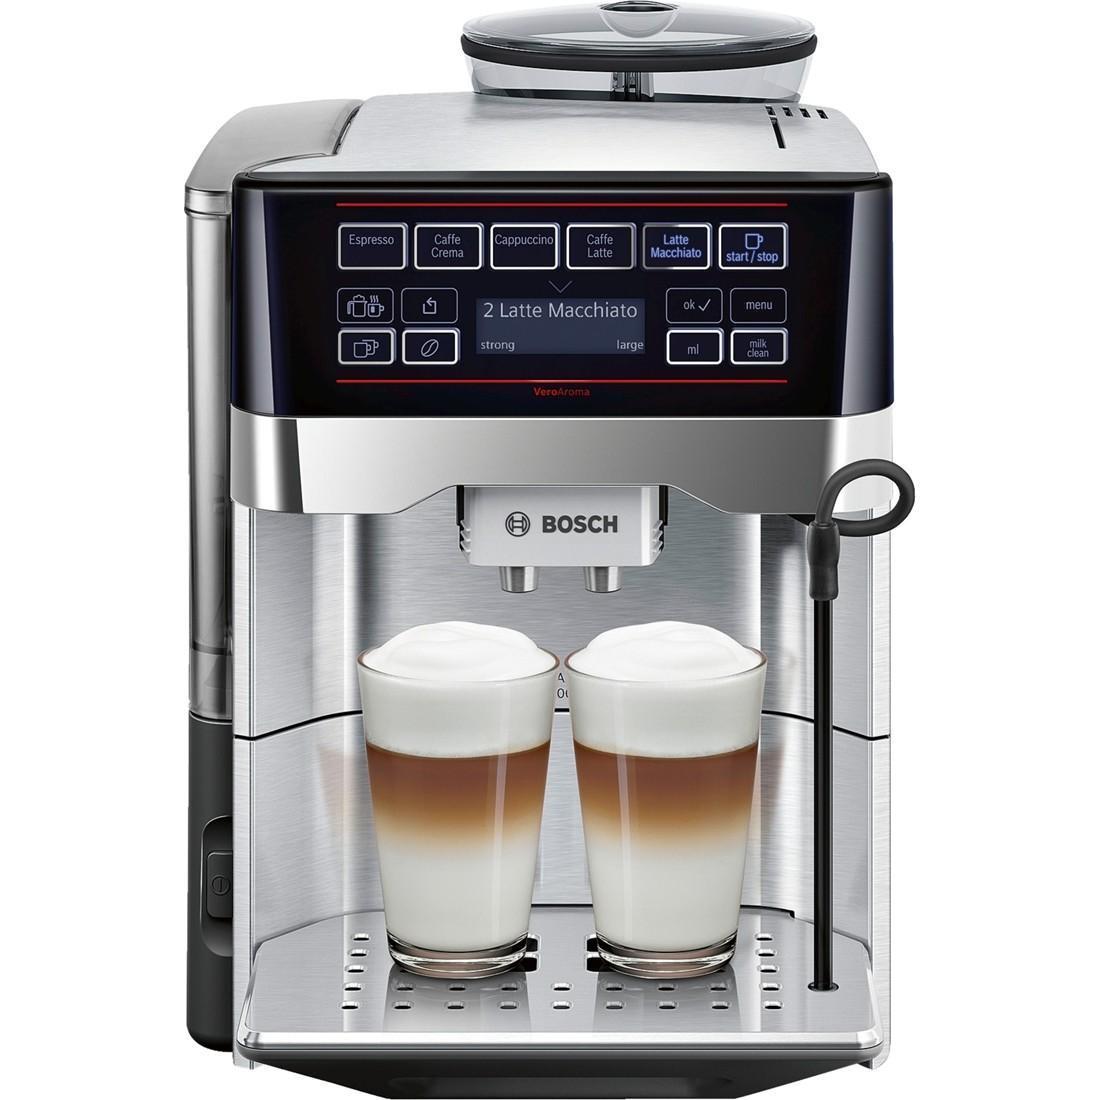 Bosch TES60729RW VeroAroma кофемашинаTES60729RWМногообразие рецептов: эспрессо, кафе крема, капучино, кафе латте, латте макиато и др. Изысканные напитки вкусно и быстро. OneTouch DoubleCup: одновременное приготовление напитков с молоком сразу для 2-х чашек Инновационный проточный нагреватель Intelligent Heater inside: правильная температура заваривания кофе и полноценный аромат благодаря технологии SensoFlowSystem MilkClean: чистка молочной системы нажатием одной кнопки. Гигиенично, быстро и просто. Еще больший комфорт обеспечит подсветка чашек.